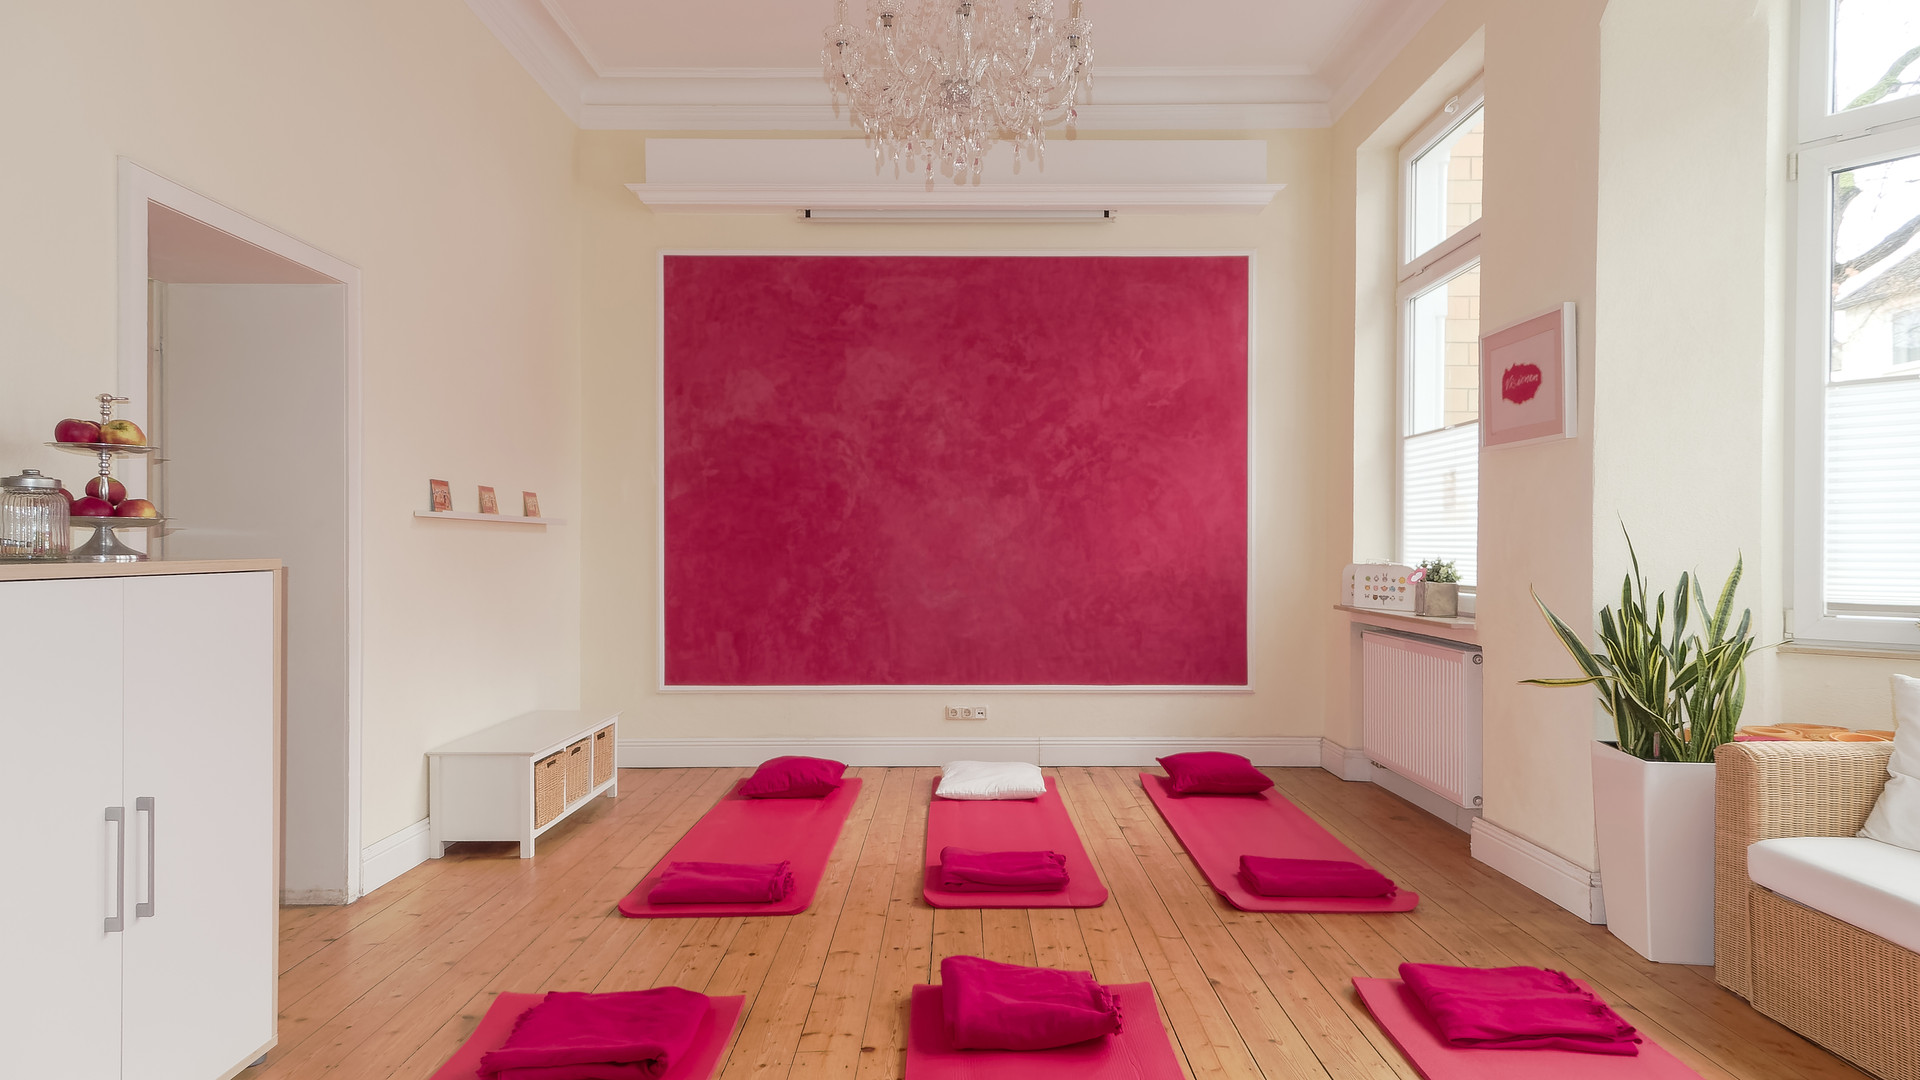 Seminarraum mieten, Meetingraum mieten für Training, Coaching, Seminar, Workshop, Meeting bei relaxolution Bonn